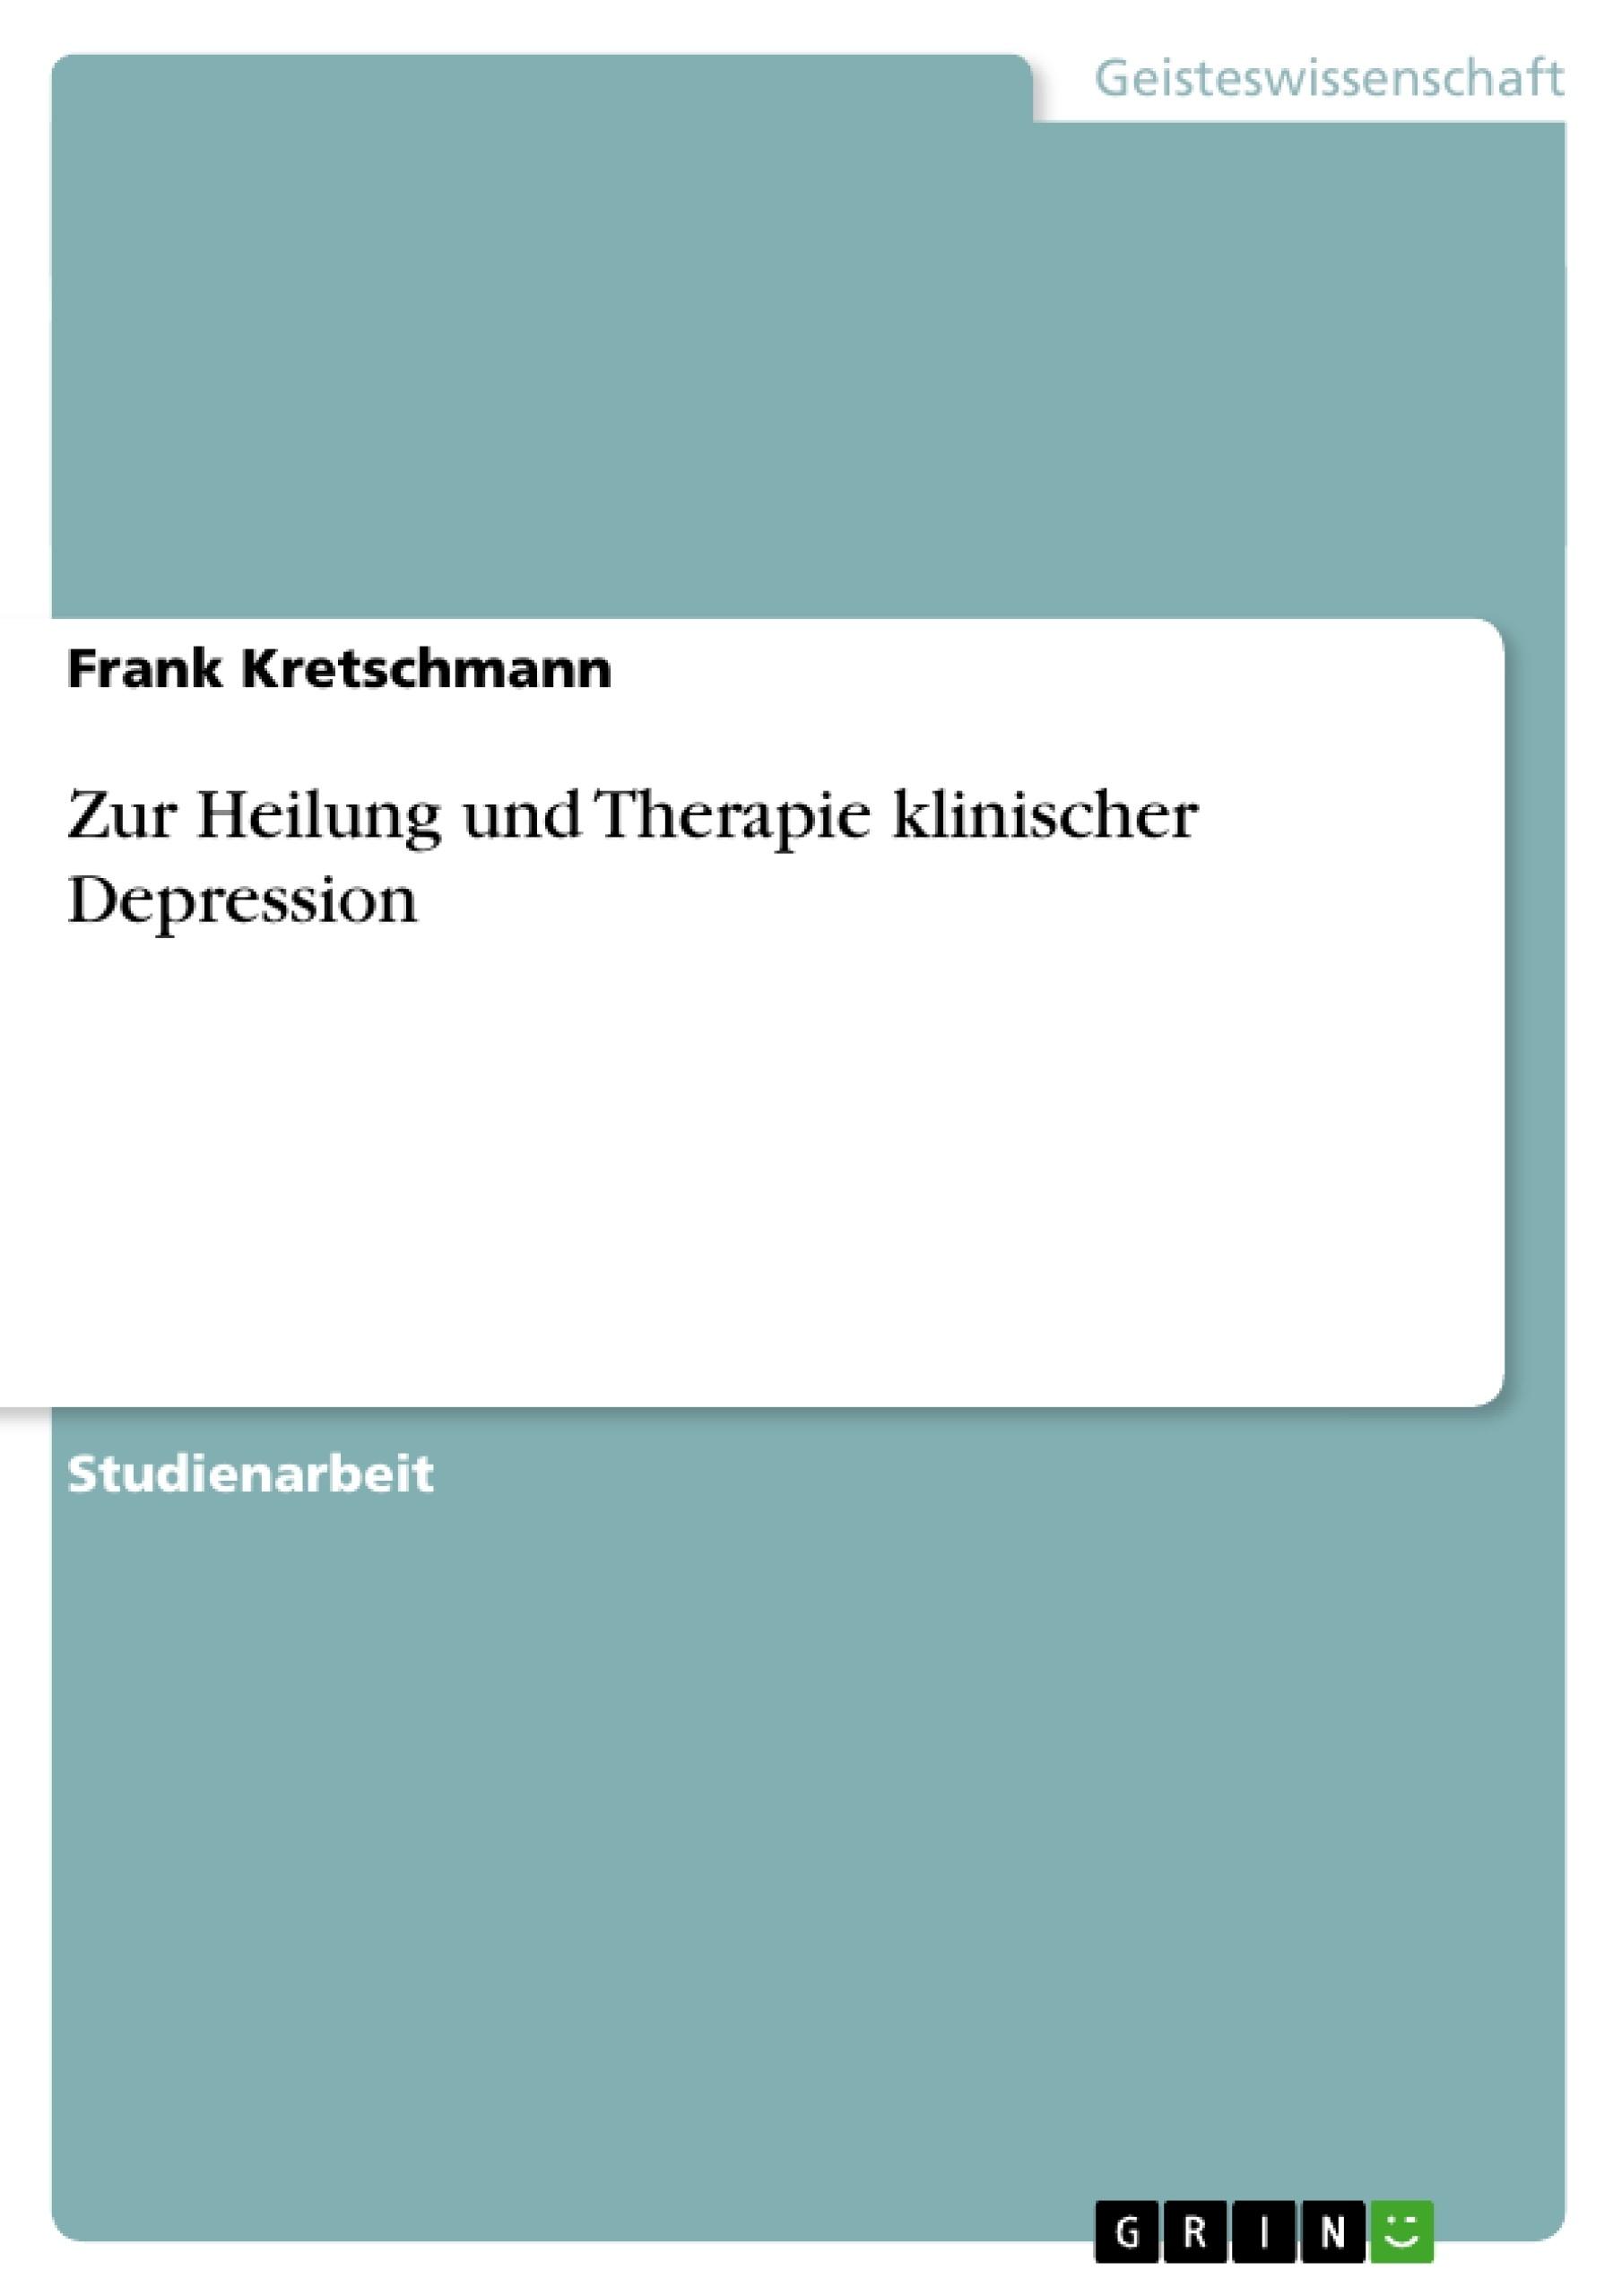 Titel: Zur Heilung und Therapie klinischer Depression